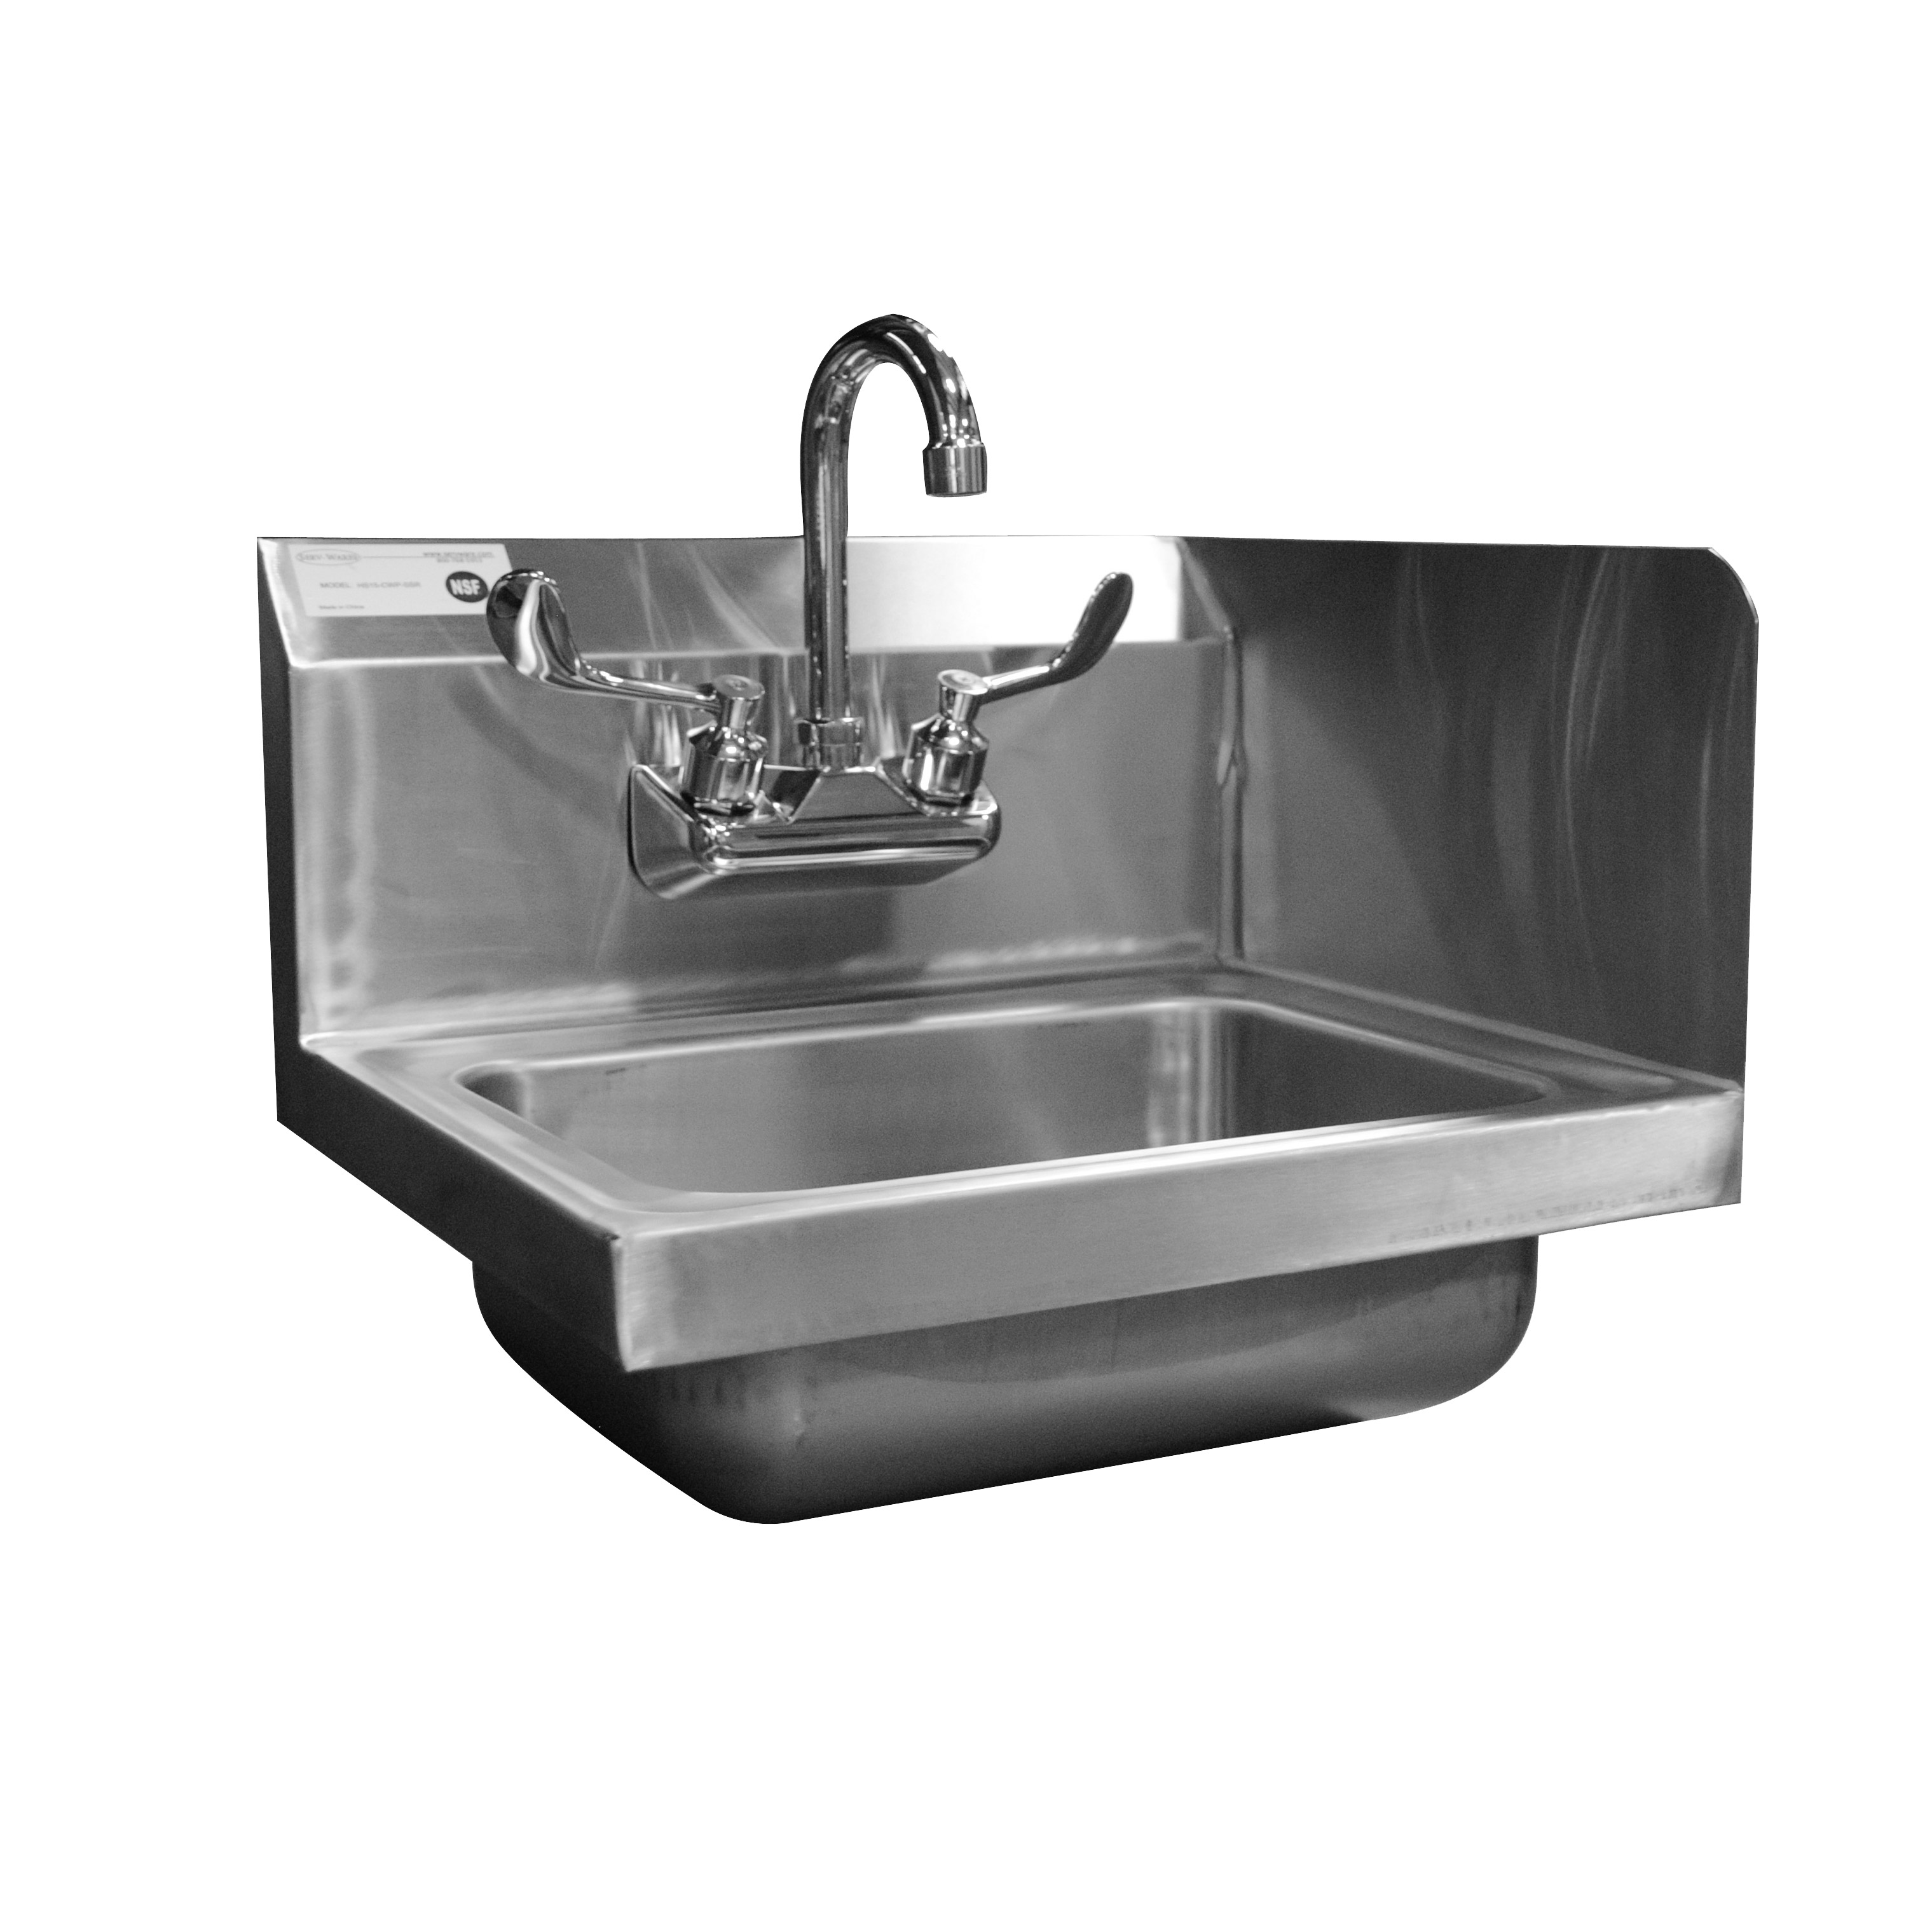 Serv-Ware HS15-CWP-SSR sink, hand